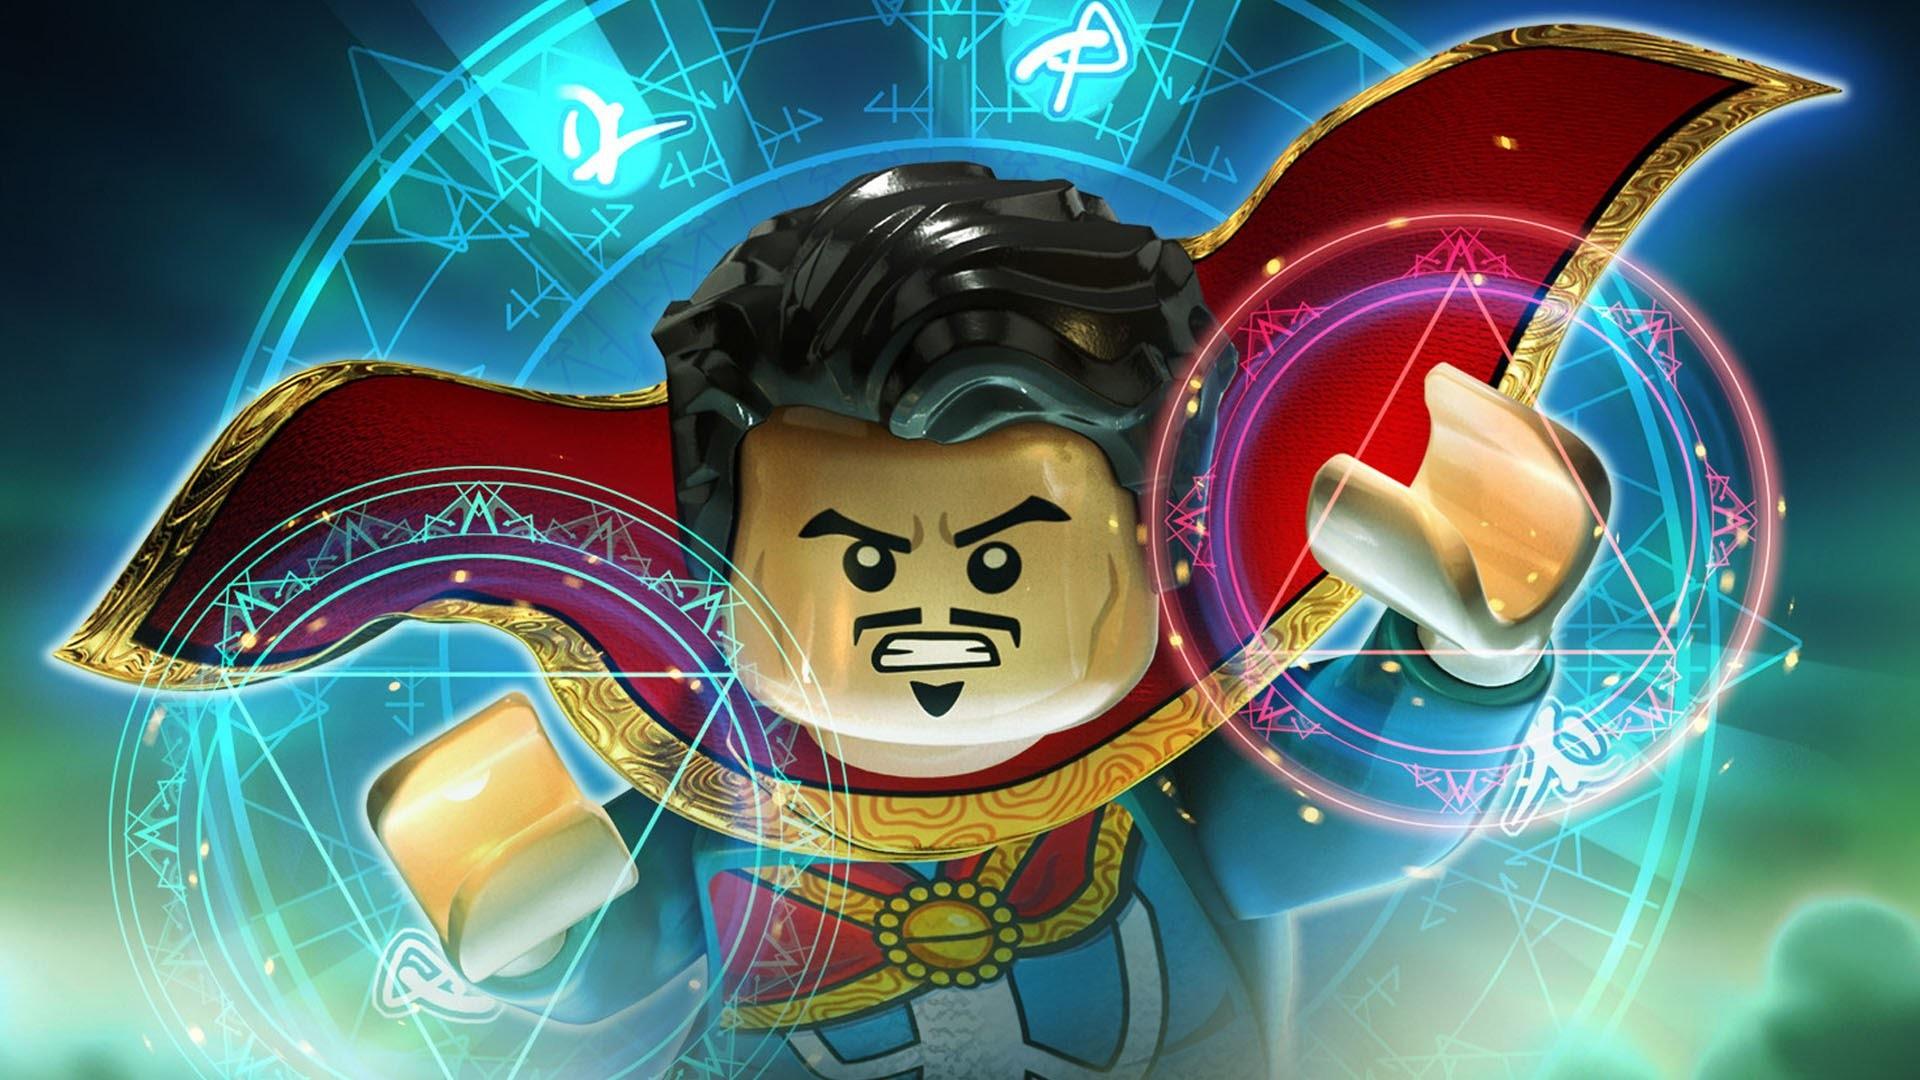 Dr strange wallpaper 75 images 2158x1136 doctor strange wallpaper download voltagebd Gallery